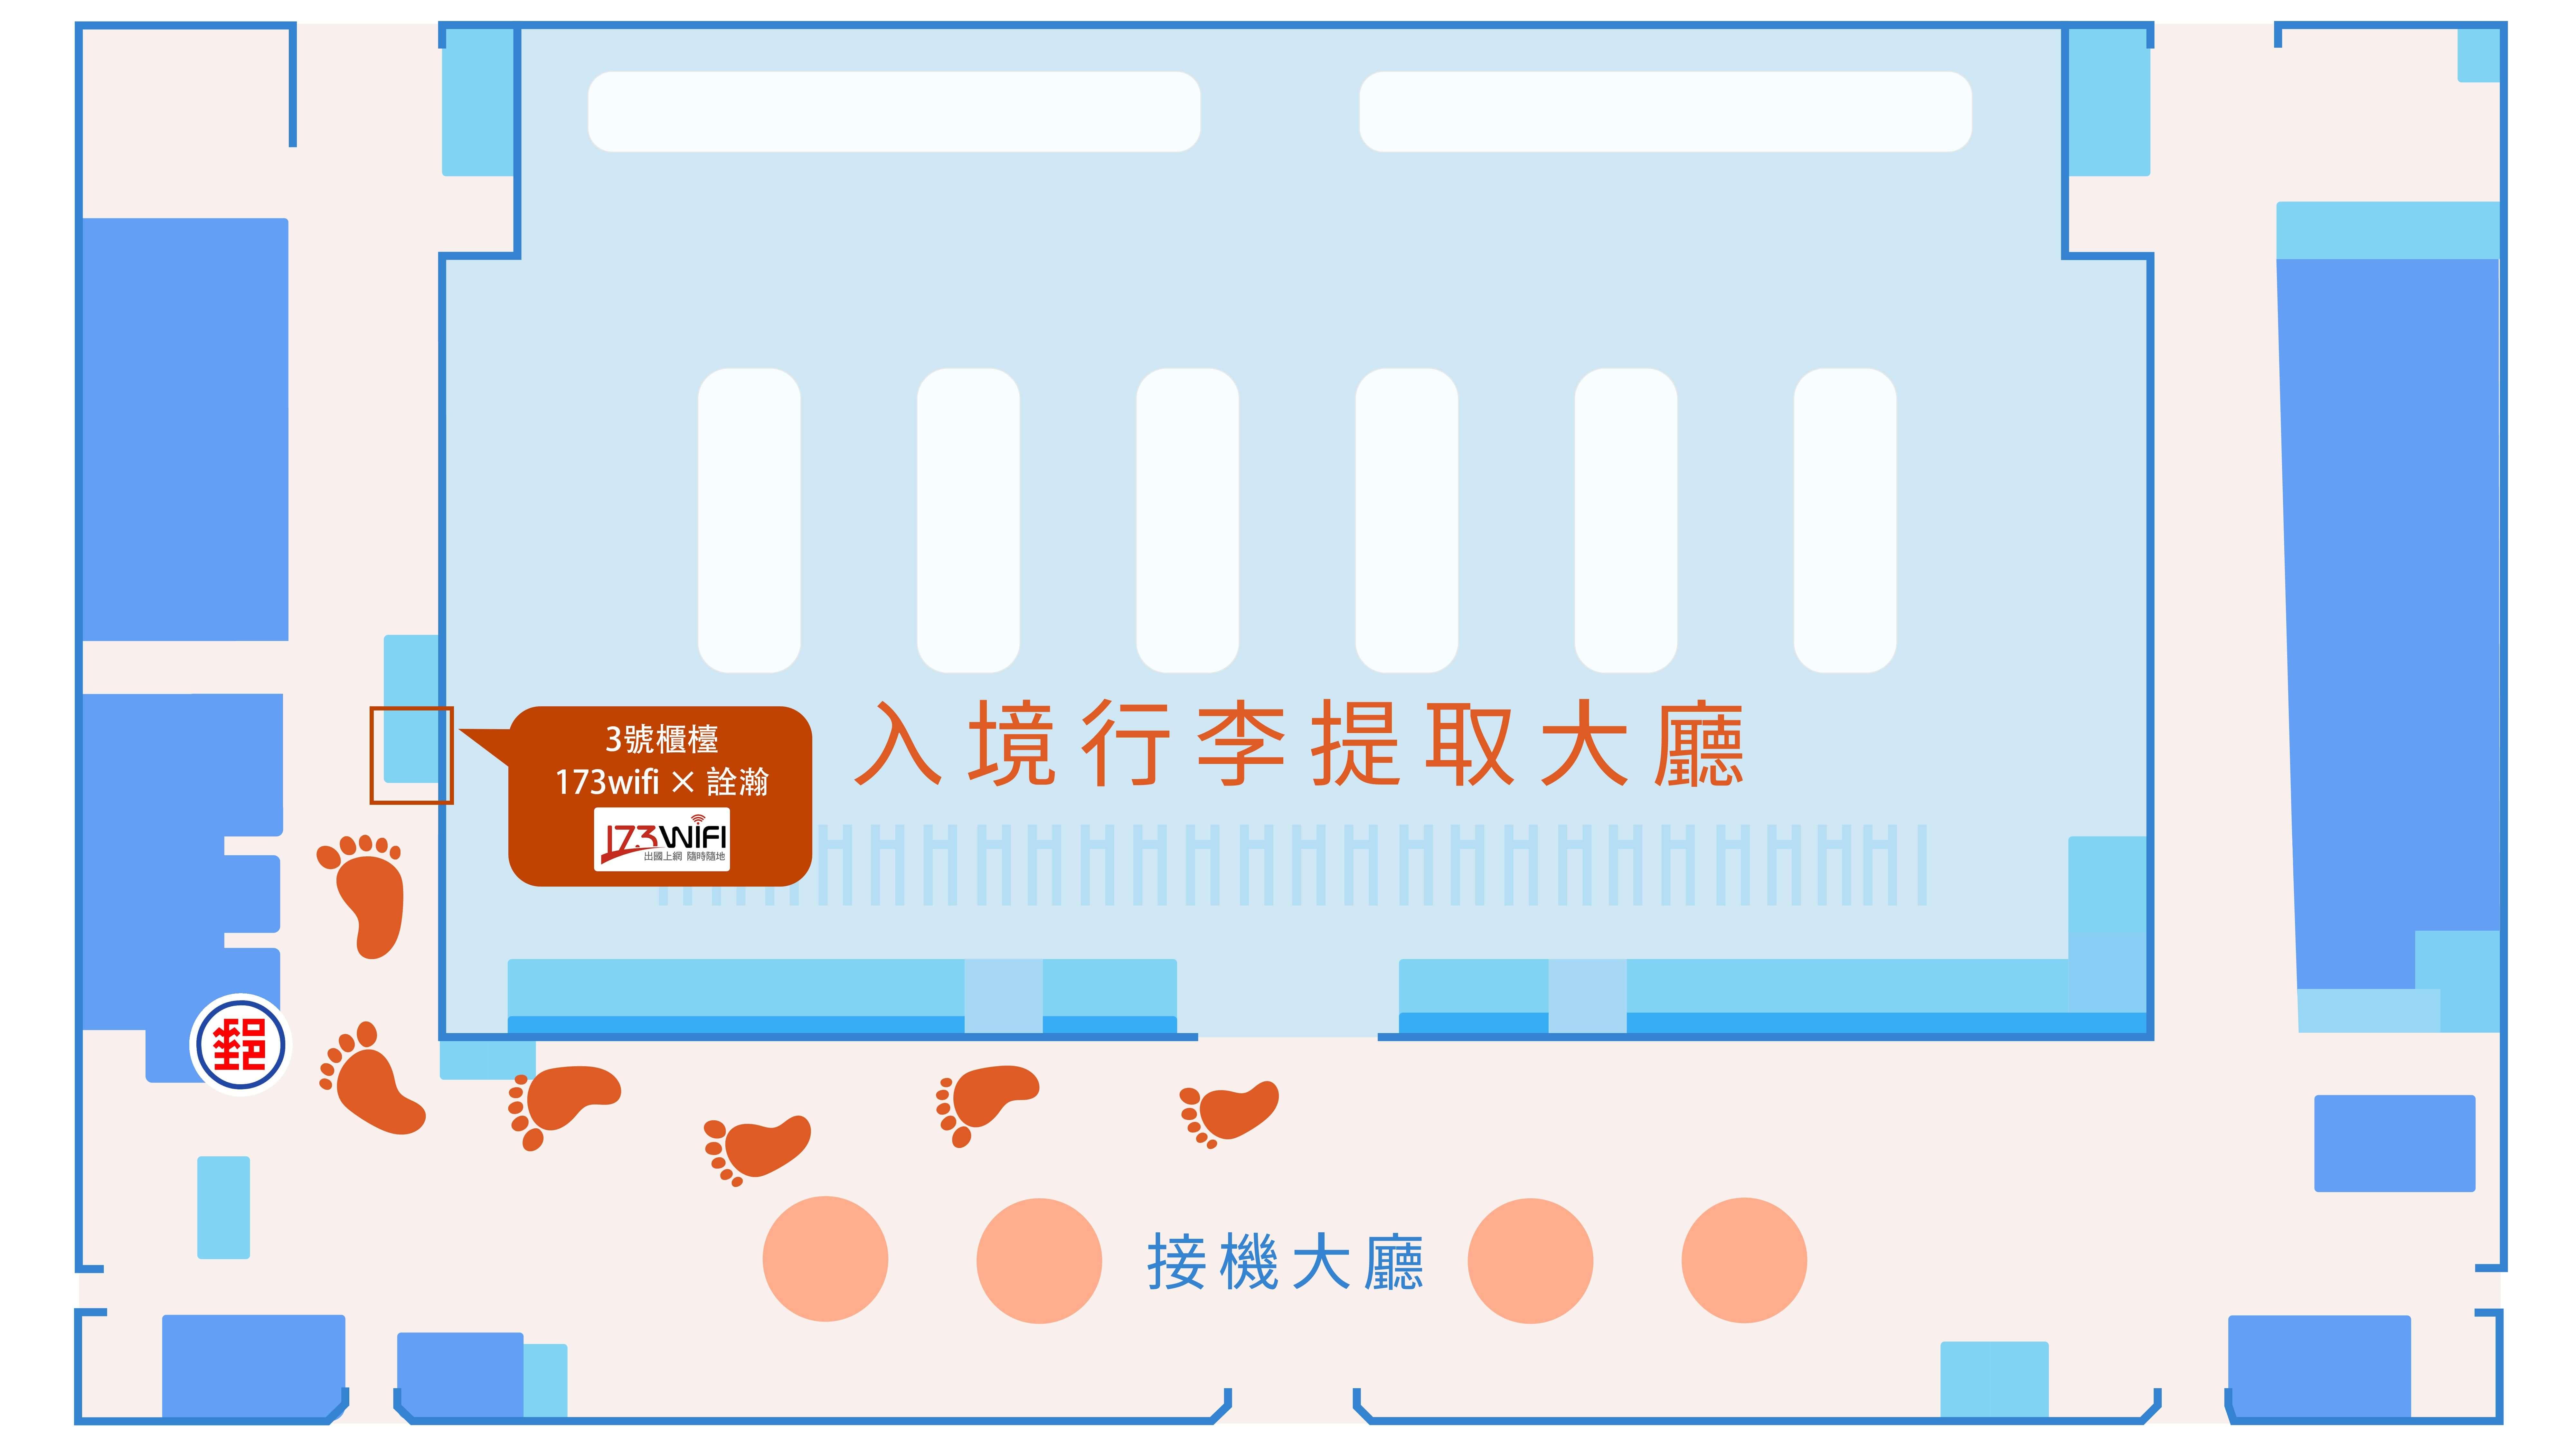 桃園機場第二航廈取還機位置示意圖